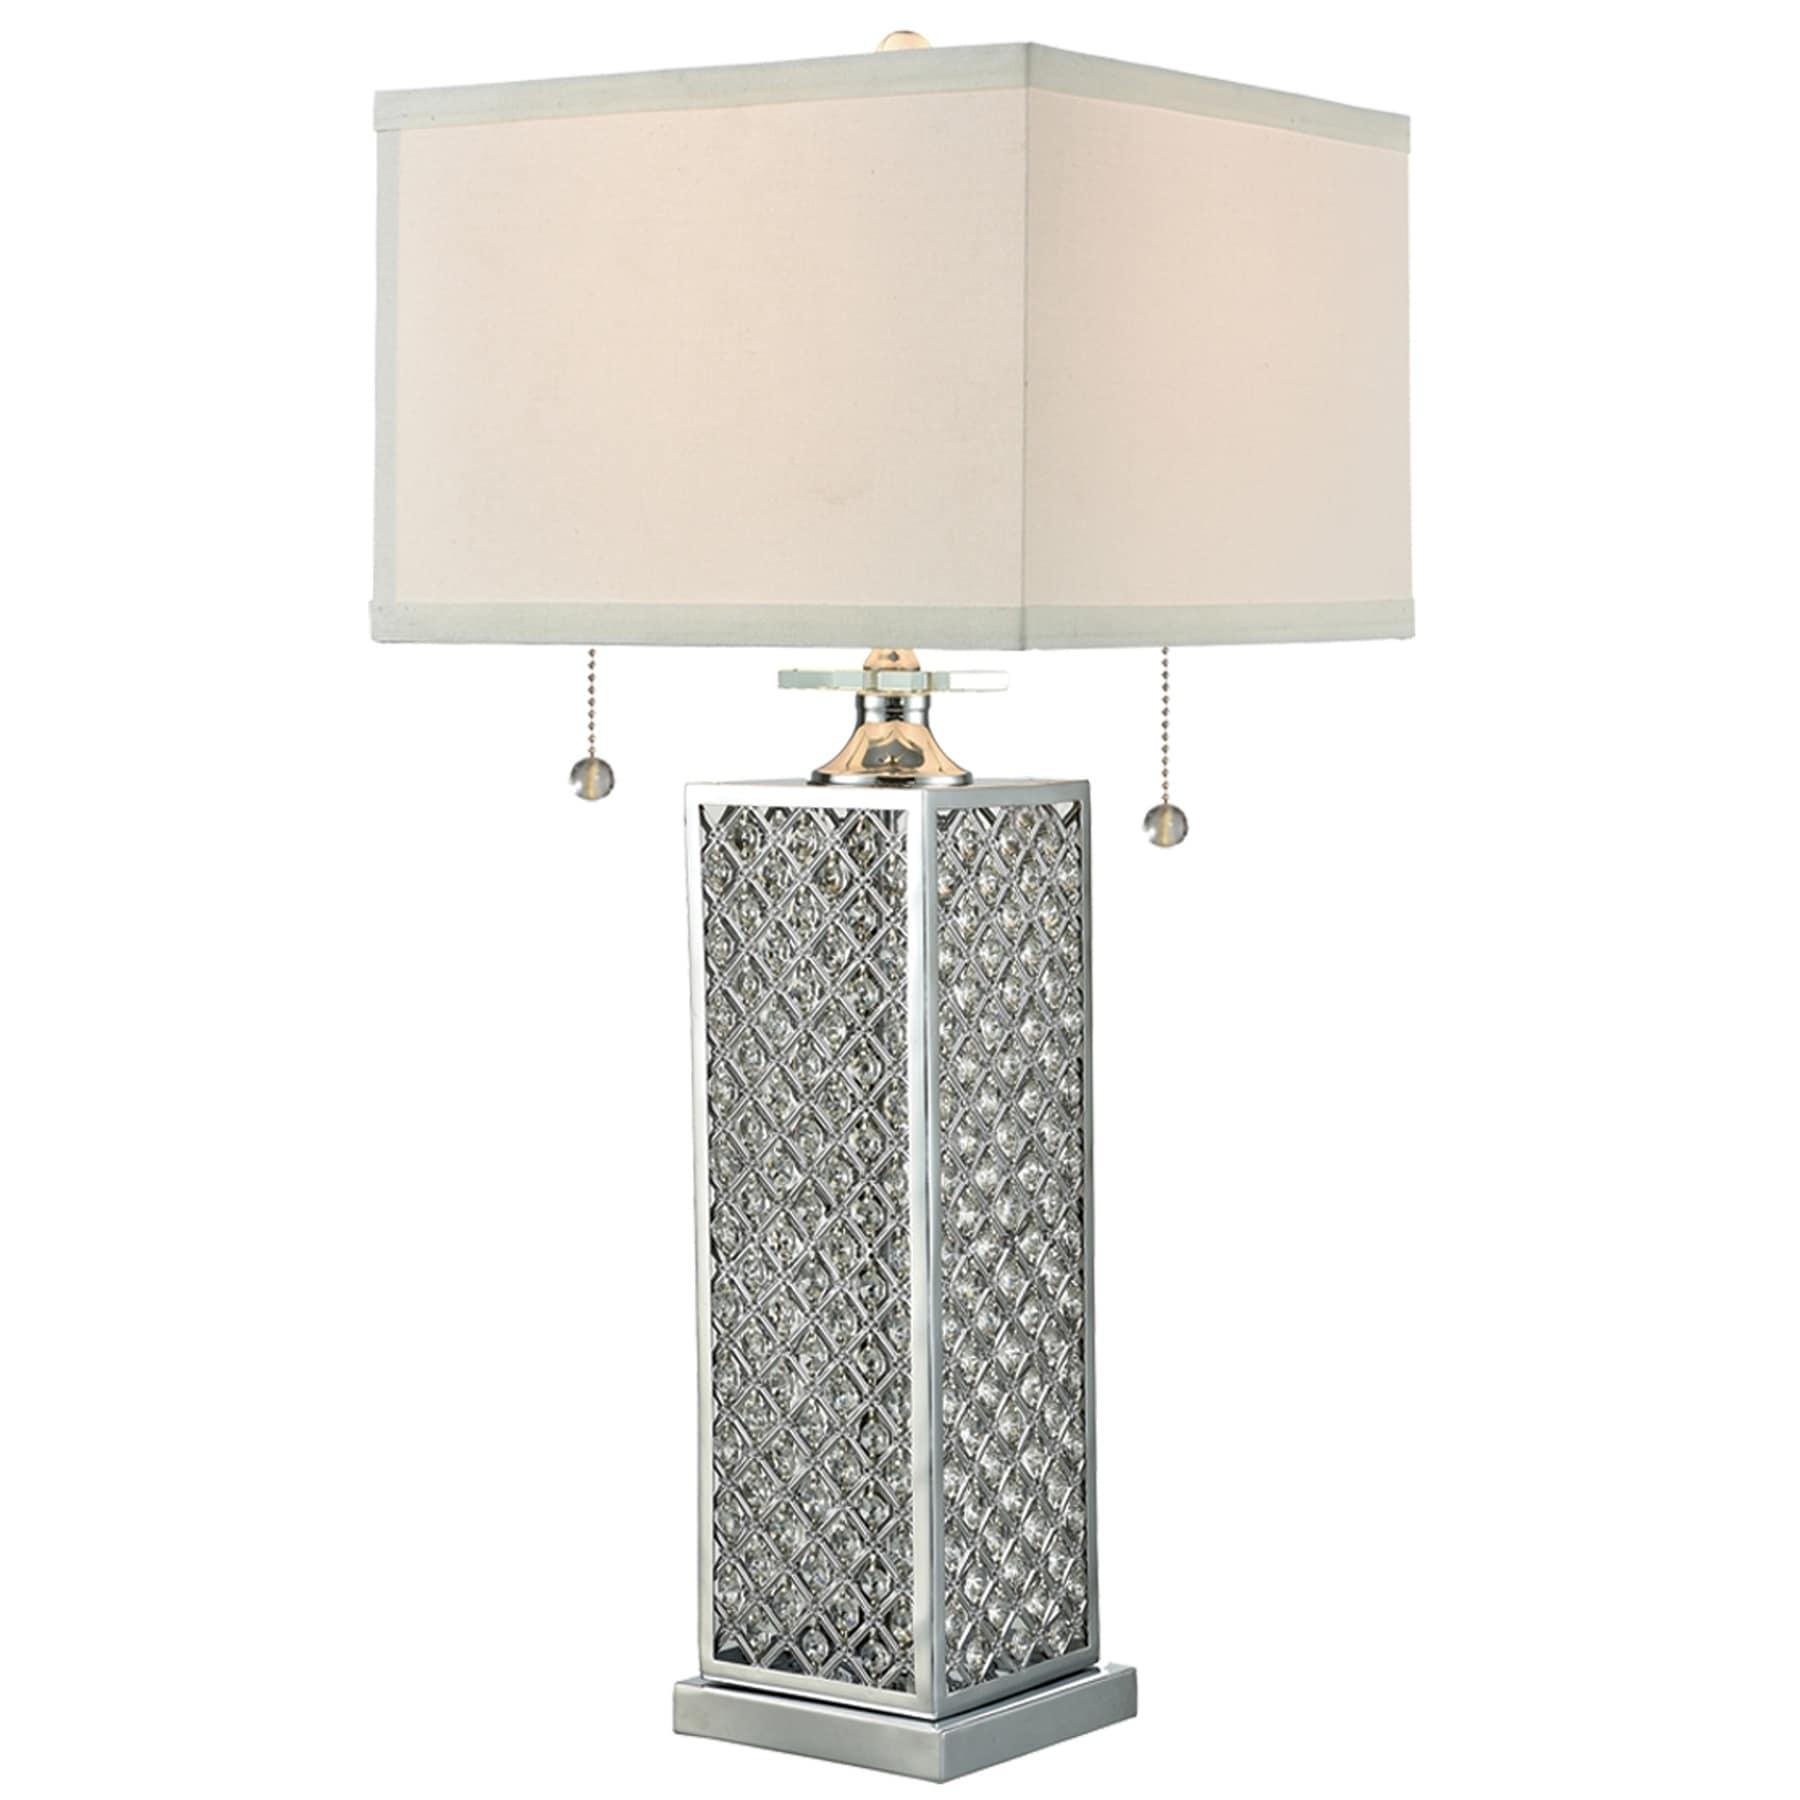 Springdale 32H Odenburg Crystal Table Lamp